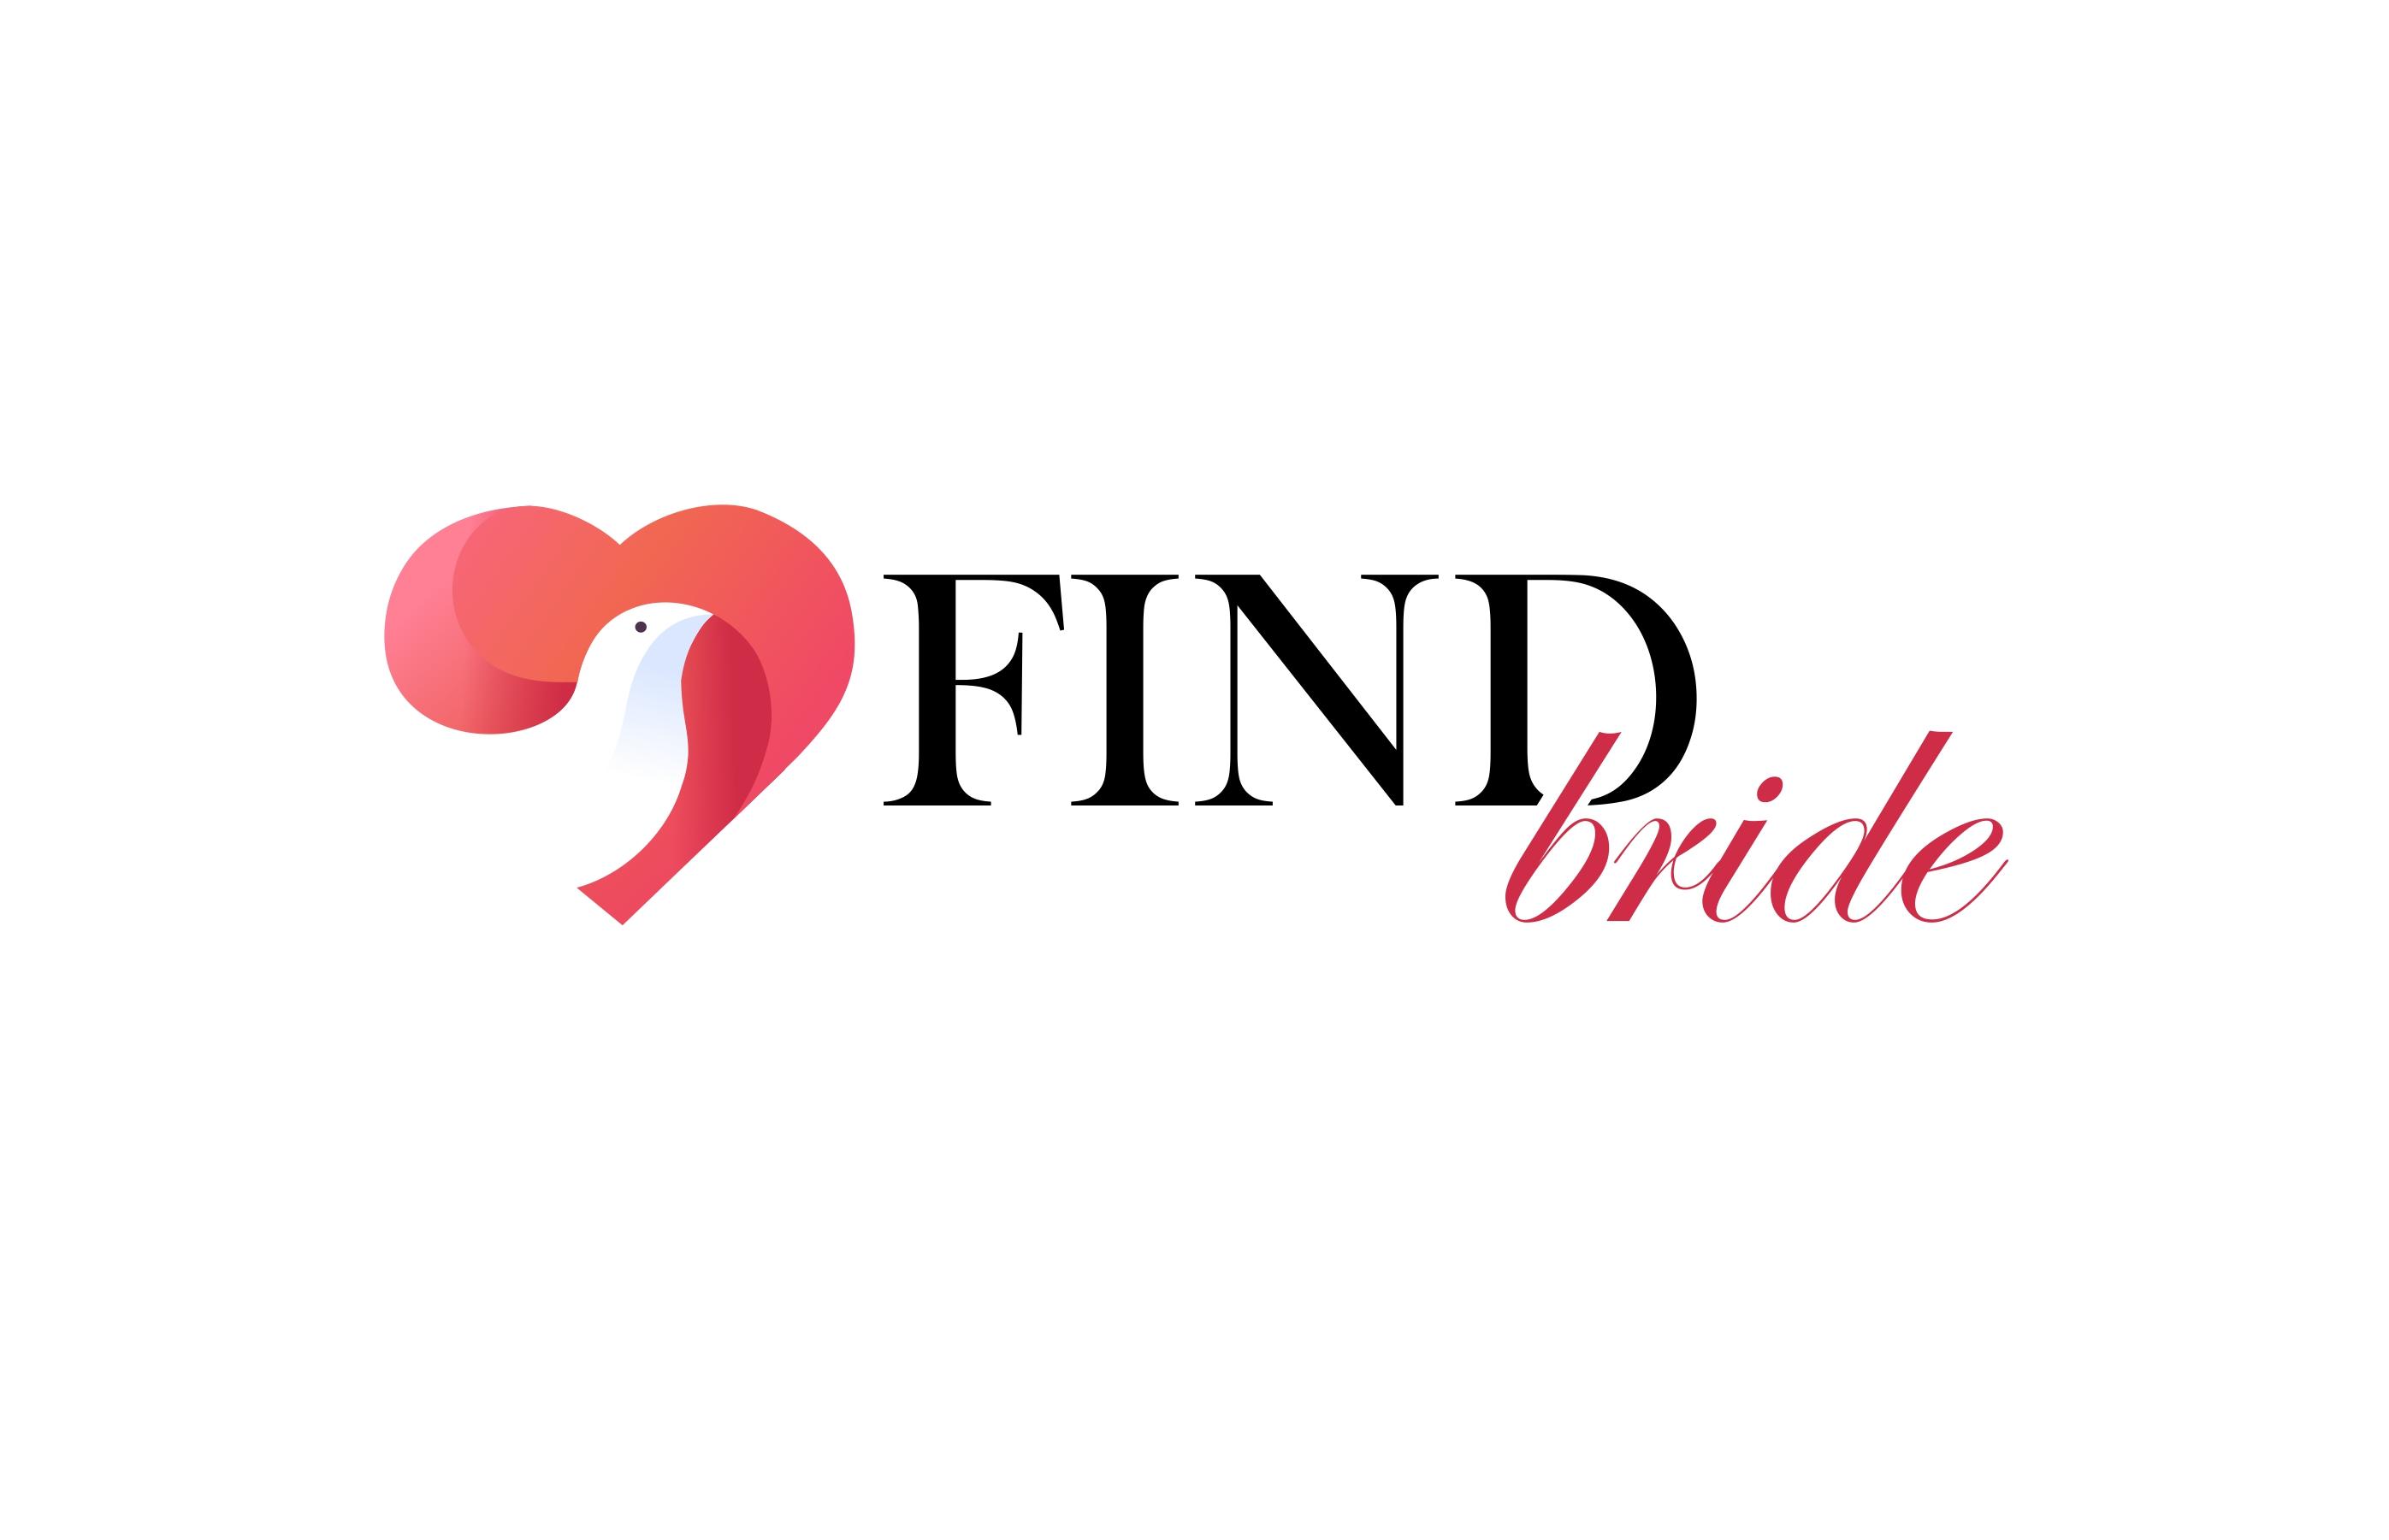 Нарисовать логотип сайта знакомств фото f_6415ad084c0509d8.jpg